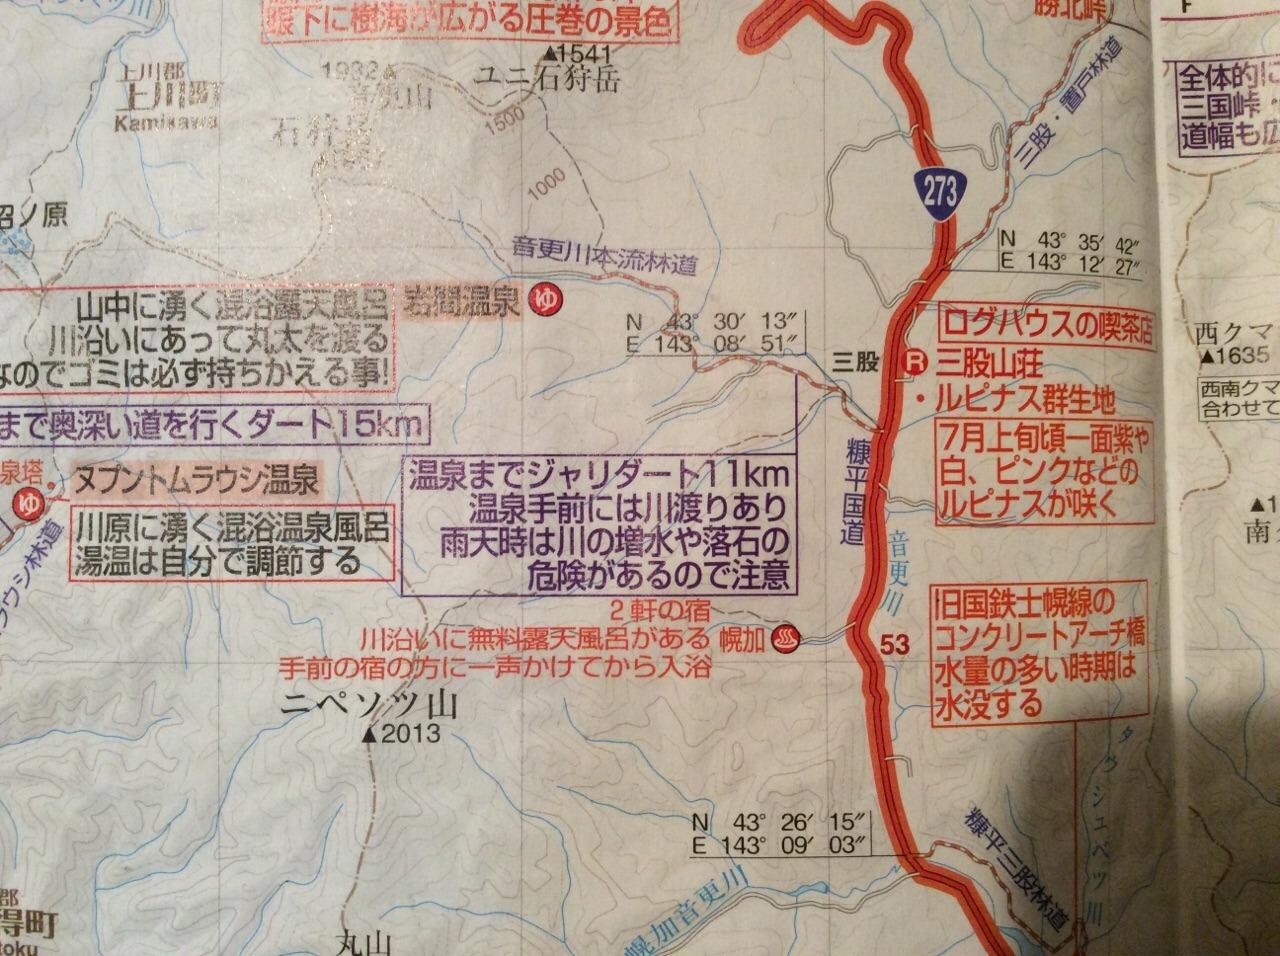 【チャレンジ】岩間温泉ツーリング_e0159646_4415245.jpg